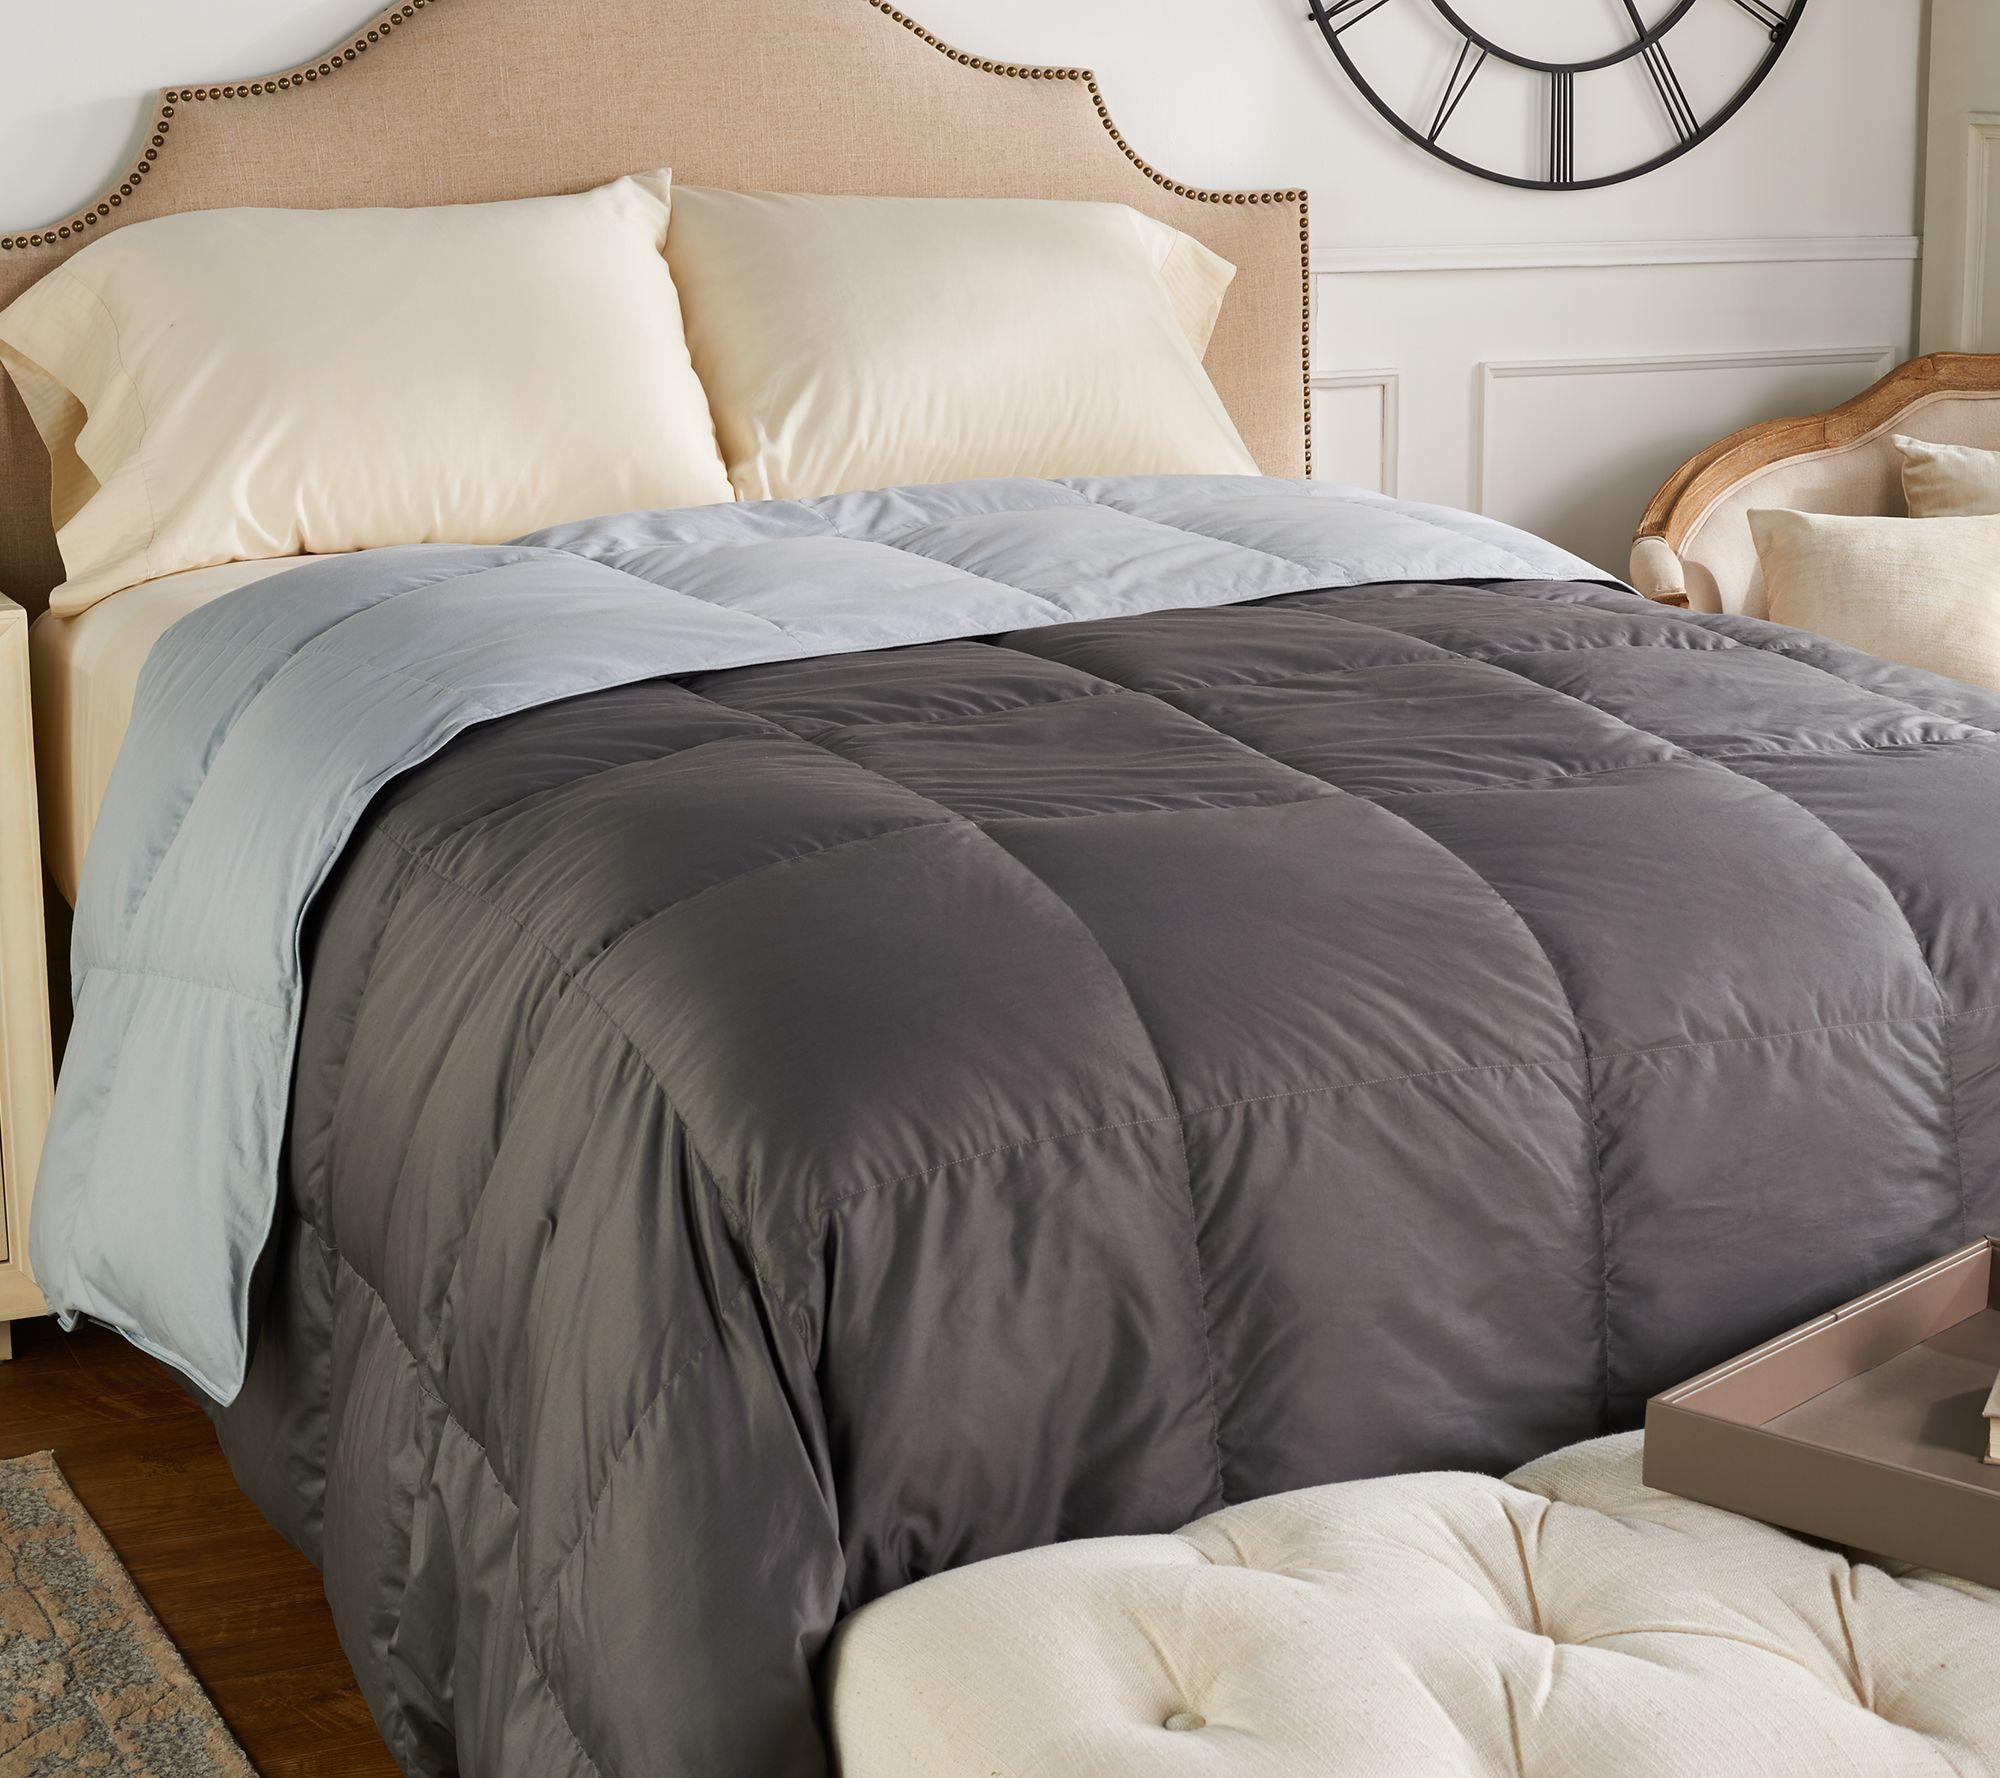 Northern Nights 400TC 600FP Reversible Queen Down Comforter - H212074